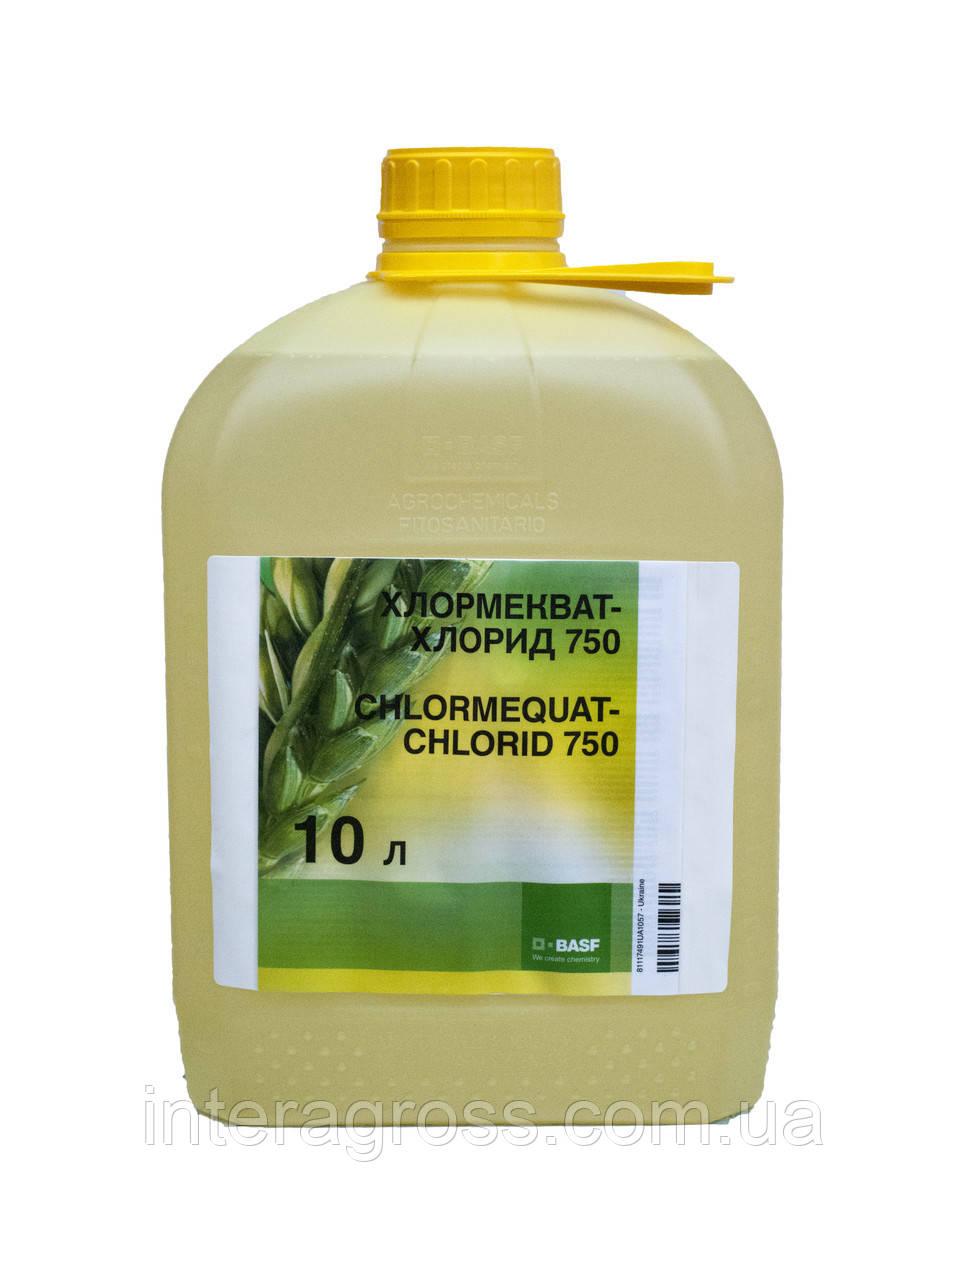 Купить Регулятор роста Хлормекватхлорид